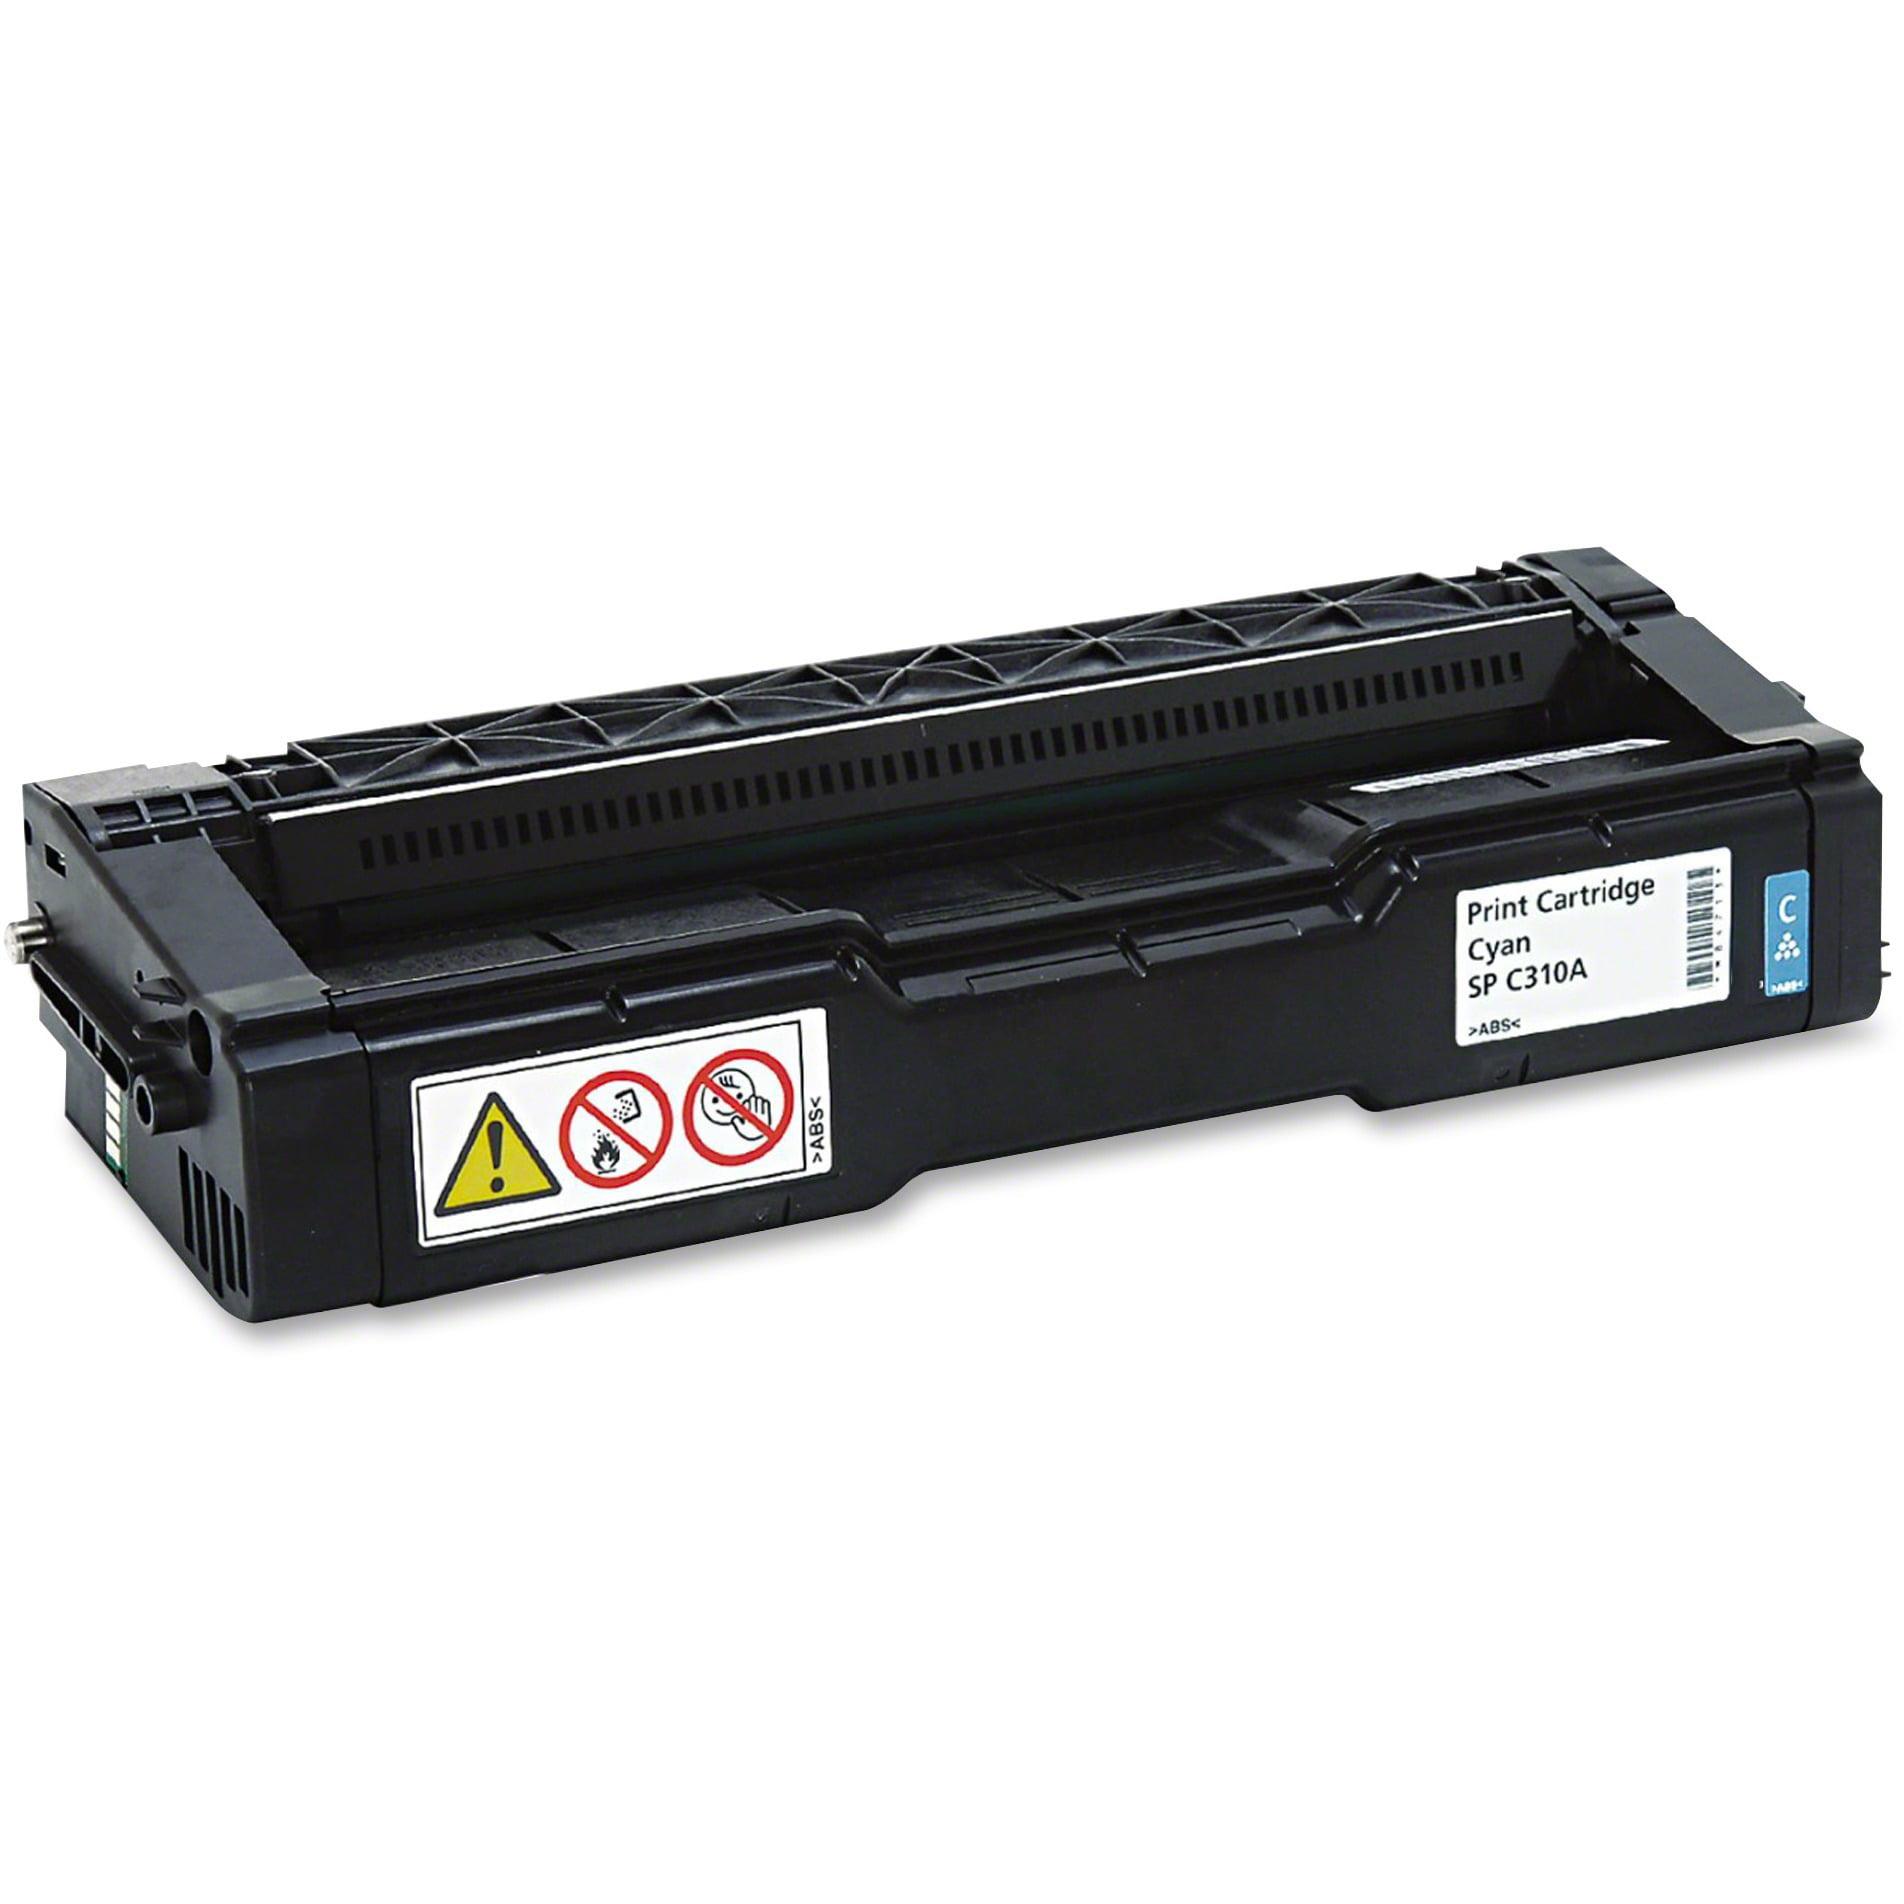 Ricoh, RIC406345, Aficio SP C242SF/C310A Toner Cartridge, 1 Each